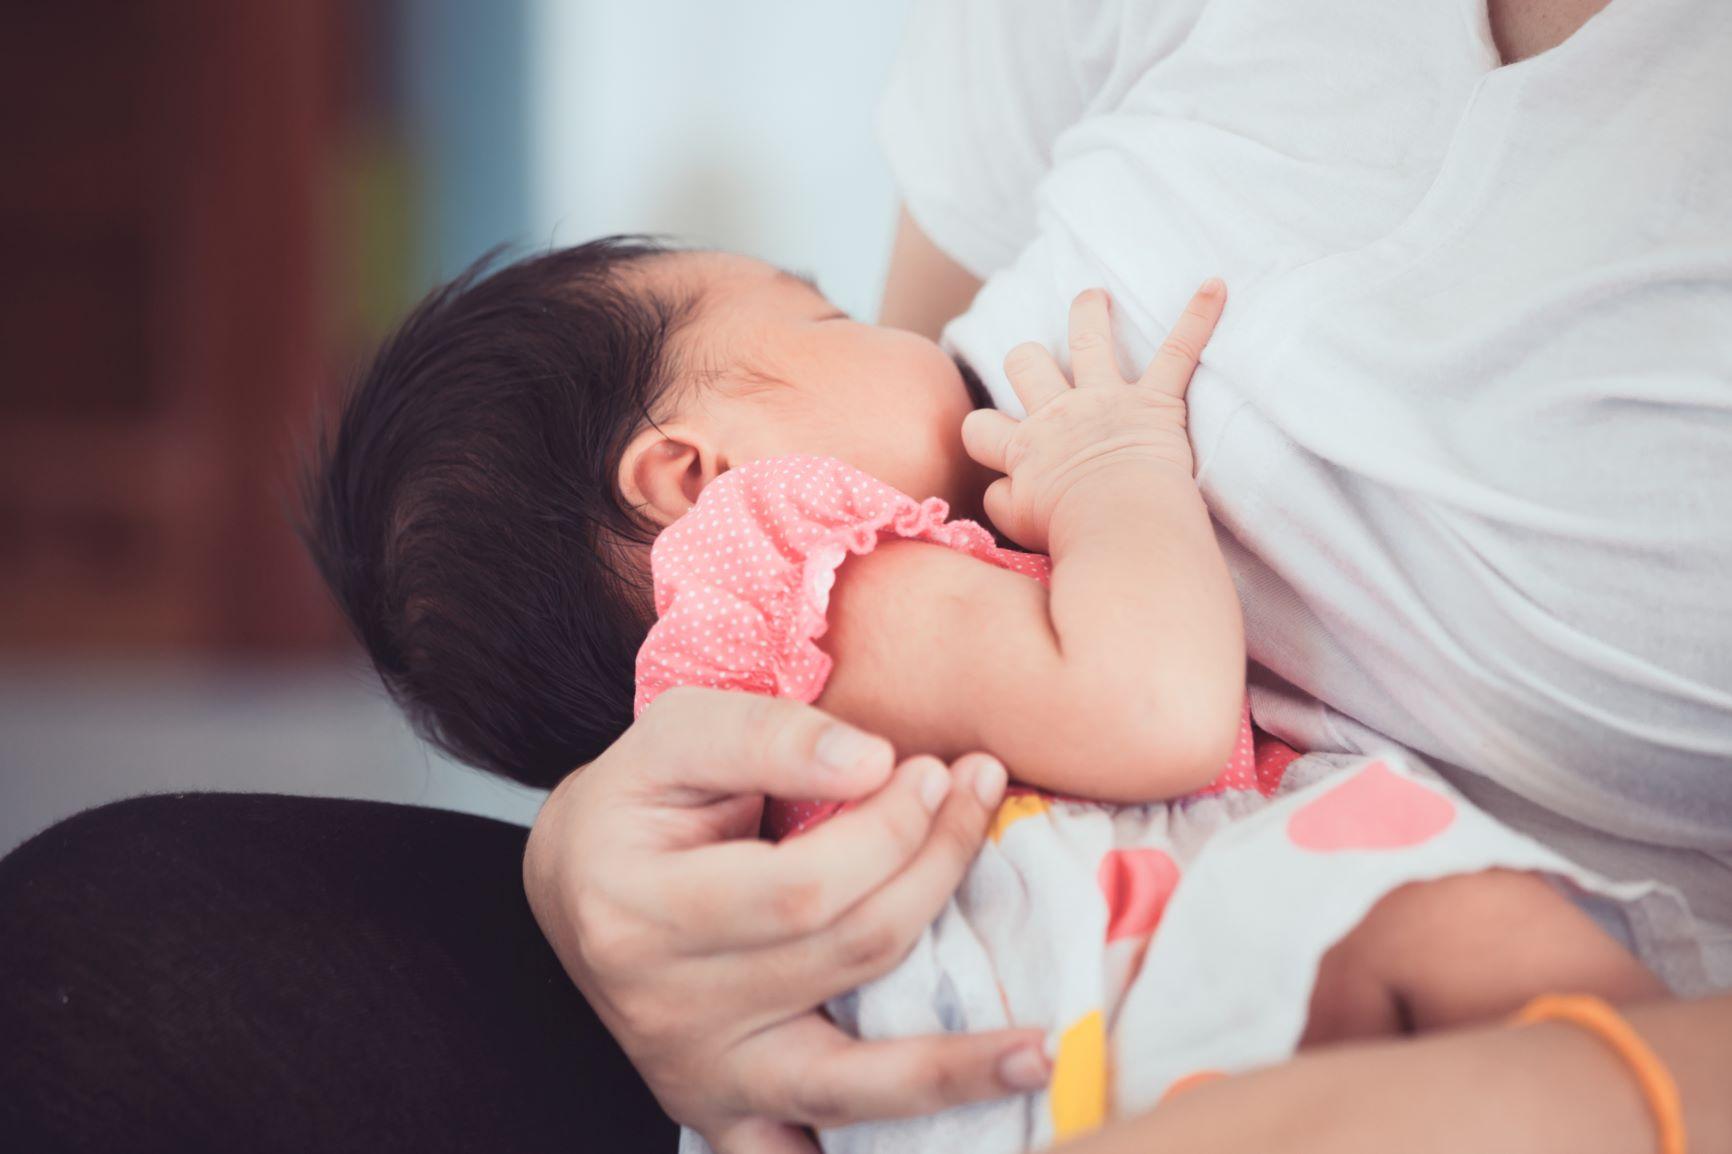 การเสริมหน้าอกมีผลกระทบอย่างไรต่อความรู้สึกจุกนมและความสามารถในการป้อนนมแม่?